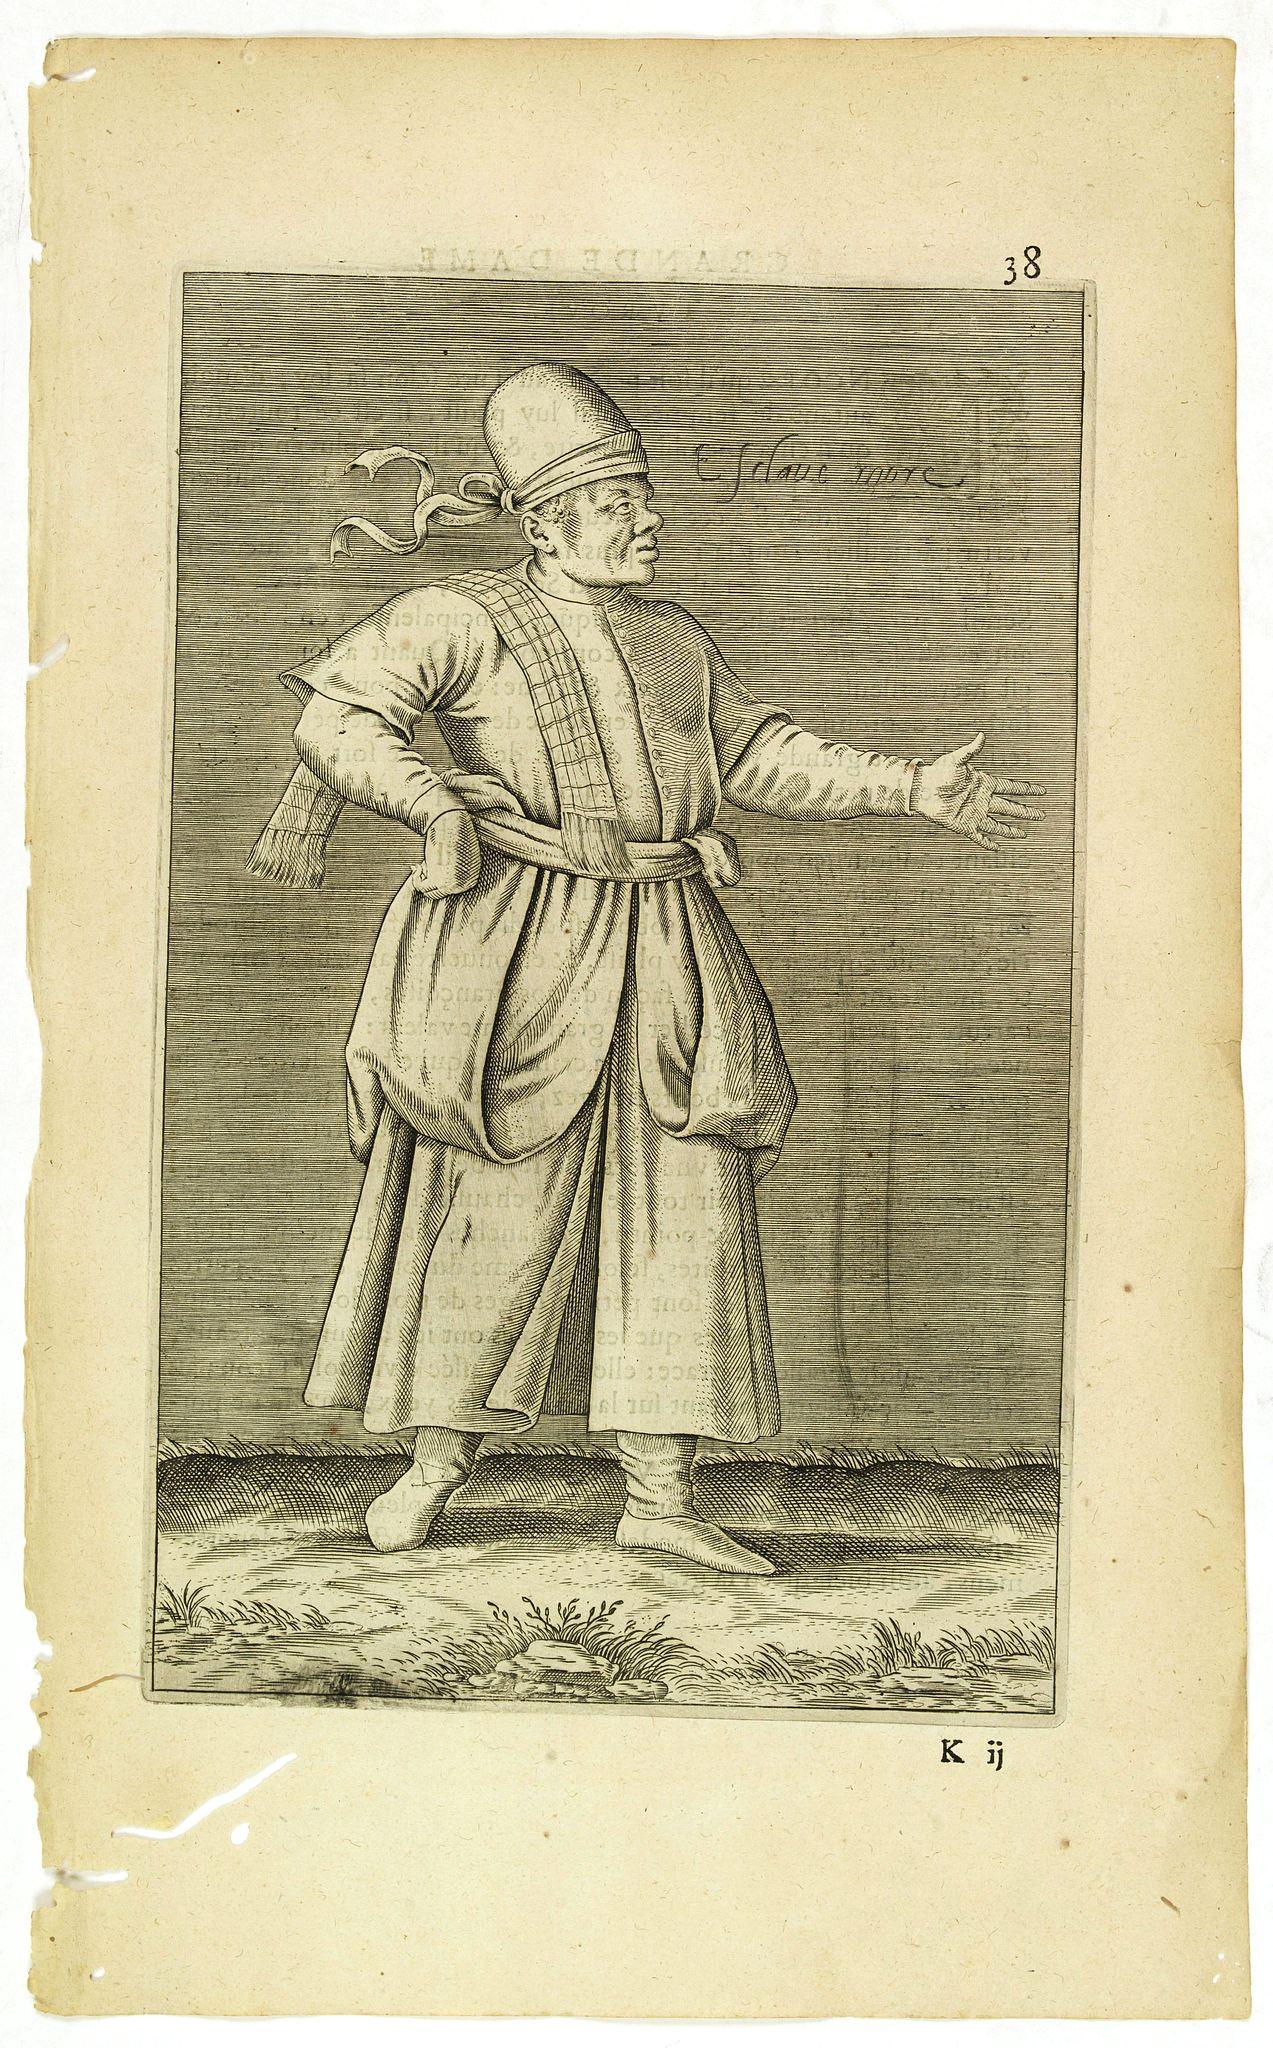 NICOLAS DE NICOLAY, Thomas Artus (sieur d'Embry). -  Esclave More. (38)